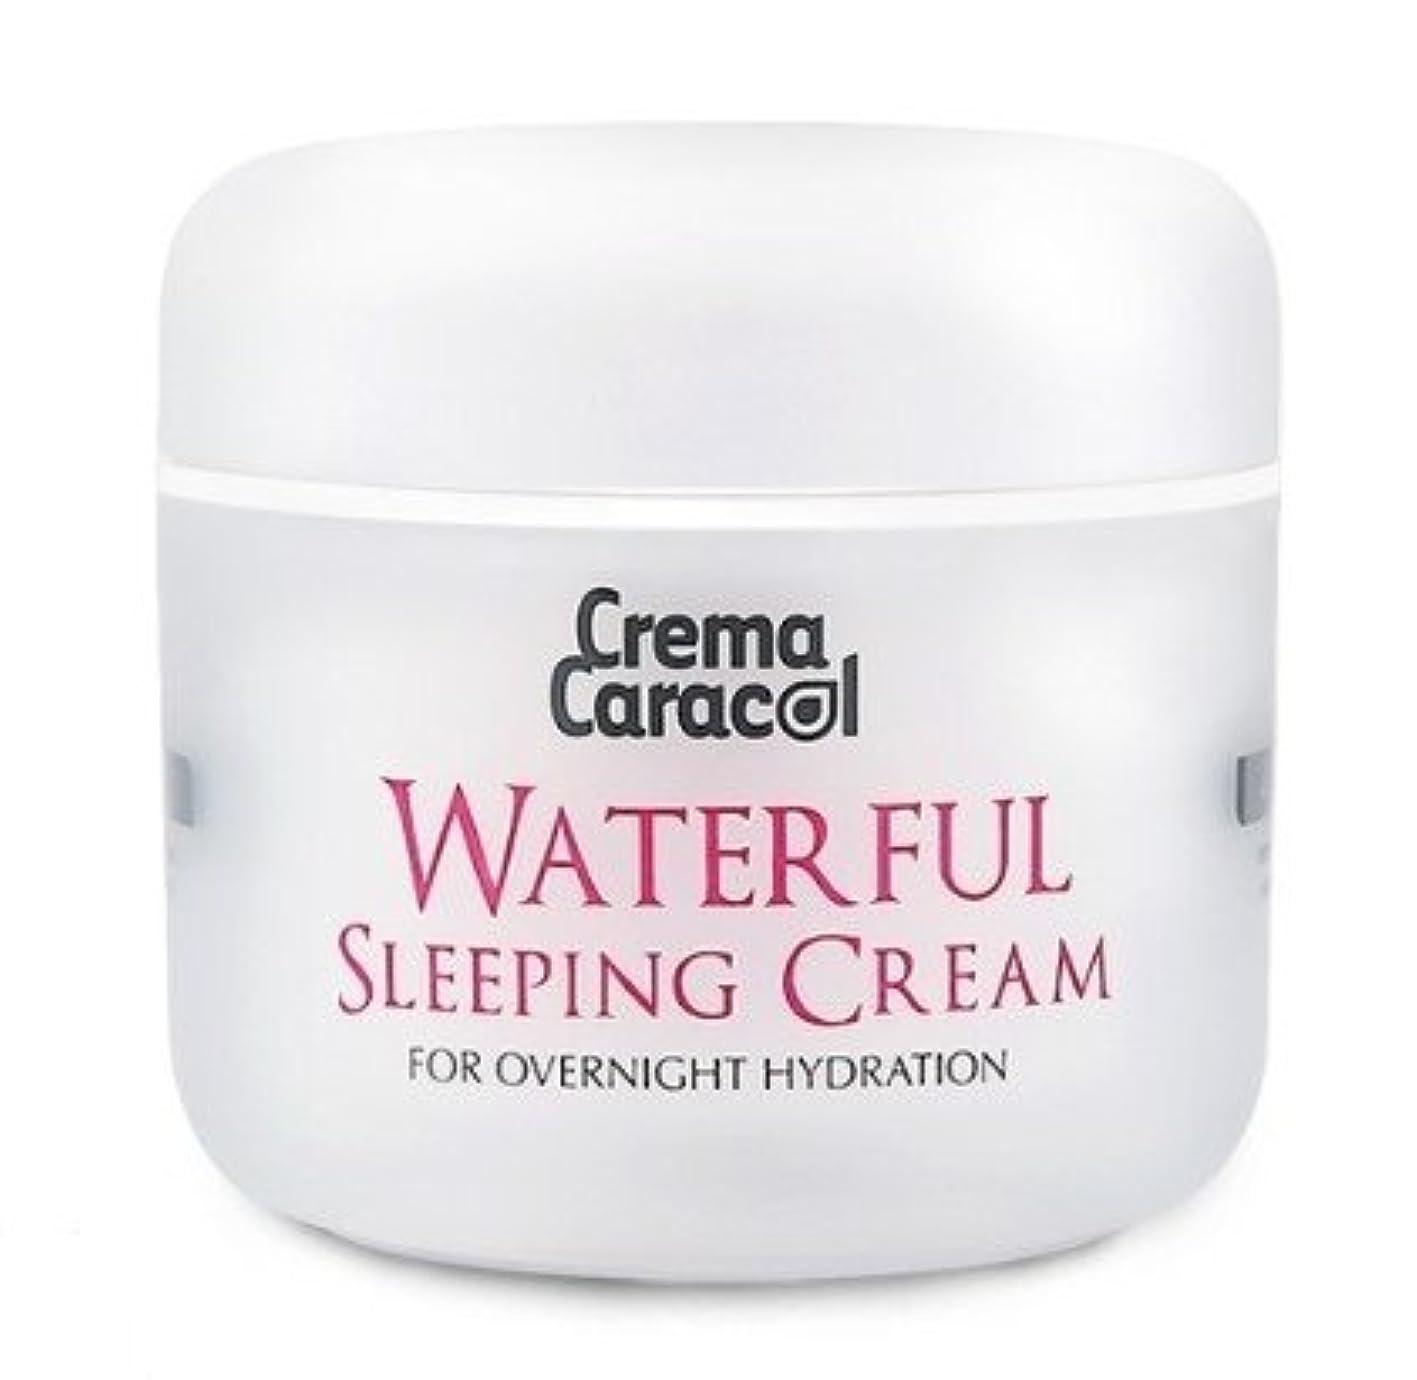 同級生温室転用[JAMINKYUNG] Waterful Sleeping Cream/孜民耕 [ジャミンギョン] ウォーターフルスリーピングクリーム [並行輸入品]